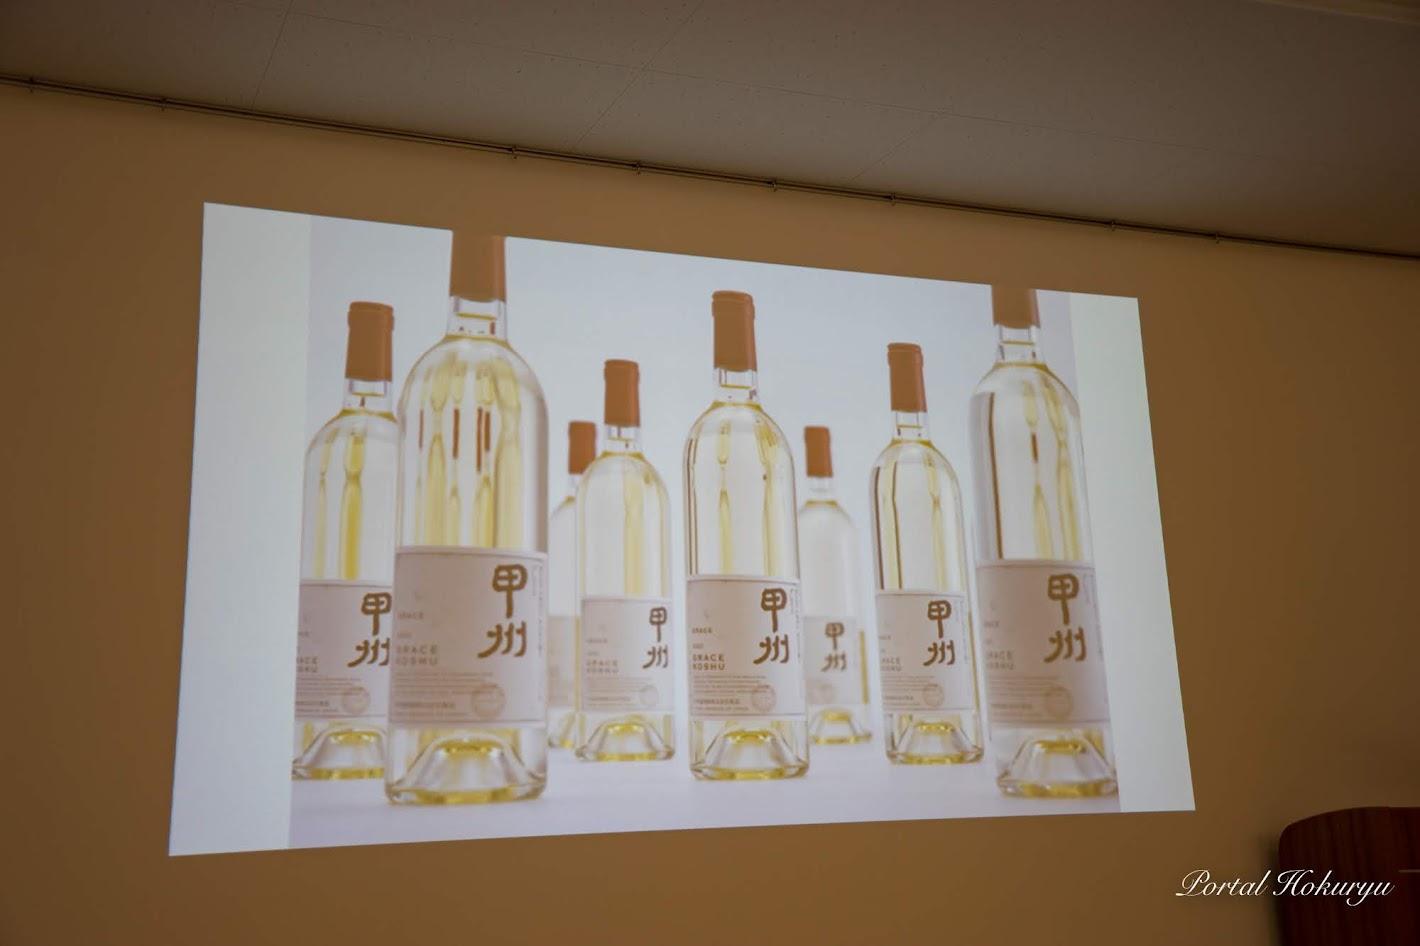 GRACE WINE甲州・中央葡萄酒(山梨県甲州市勝沼町+北杜市)